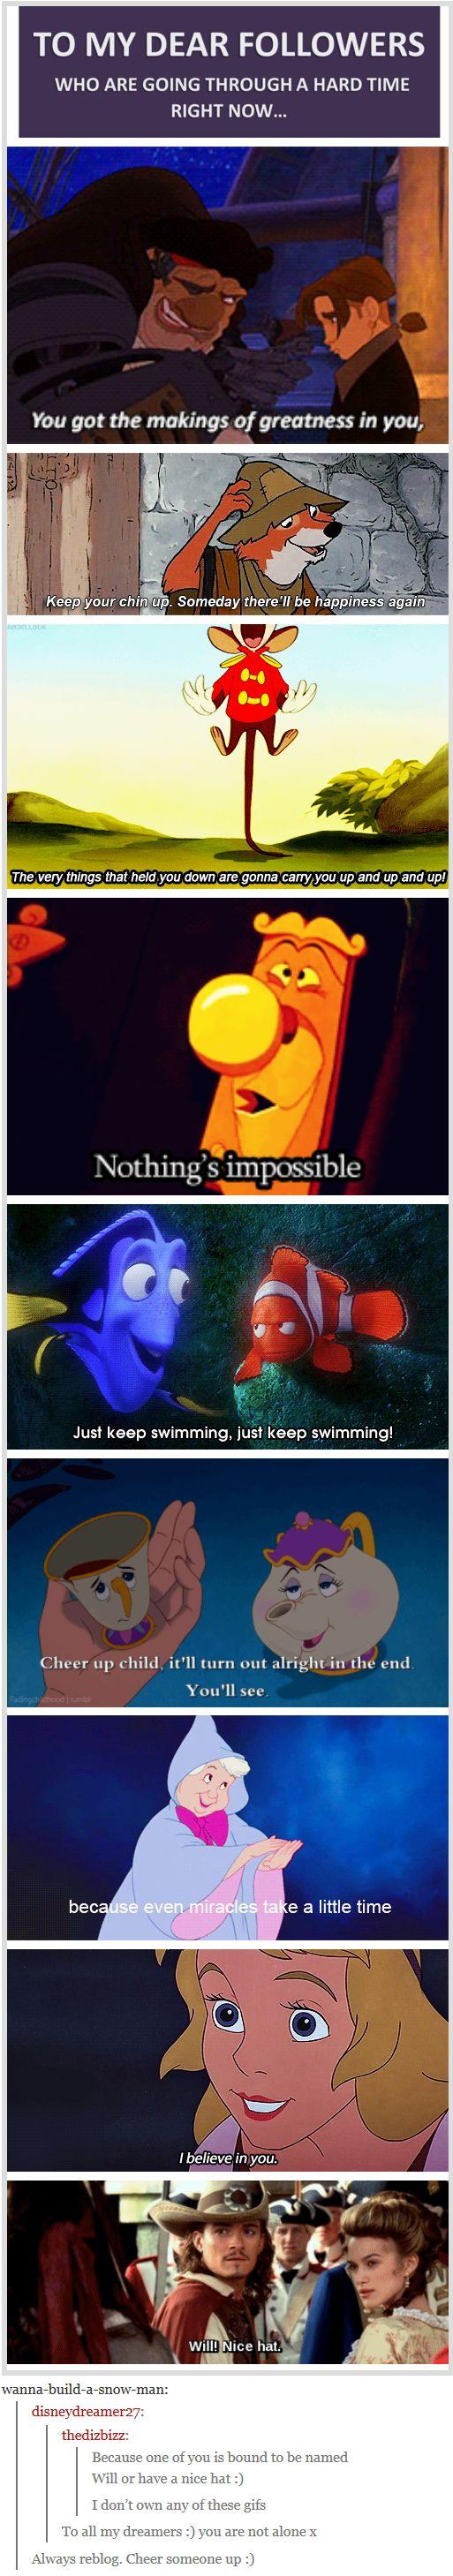 Disney? Yes.